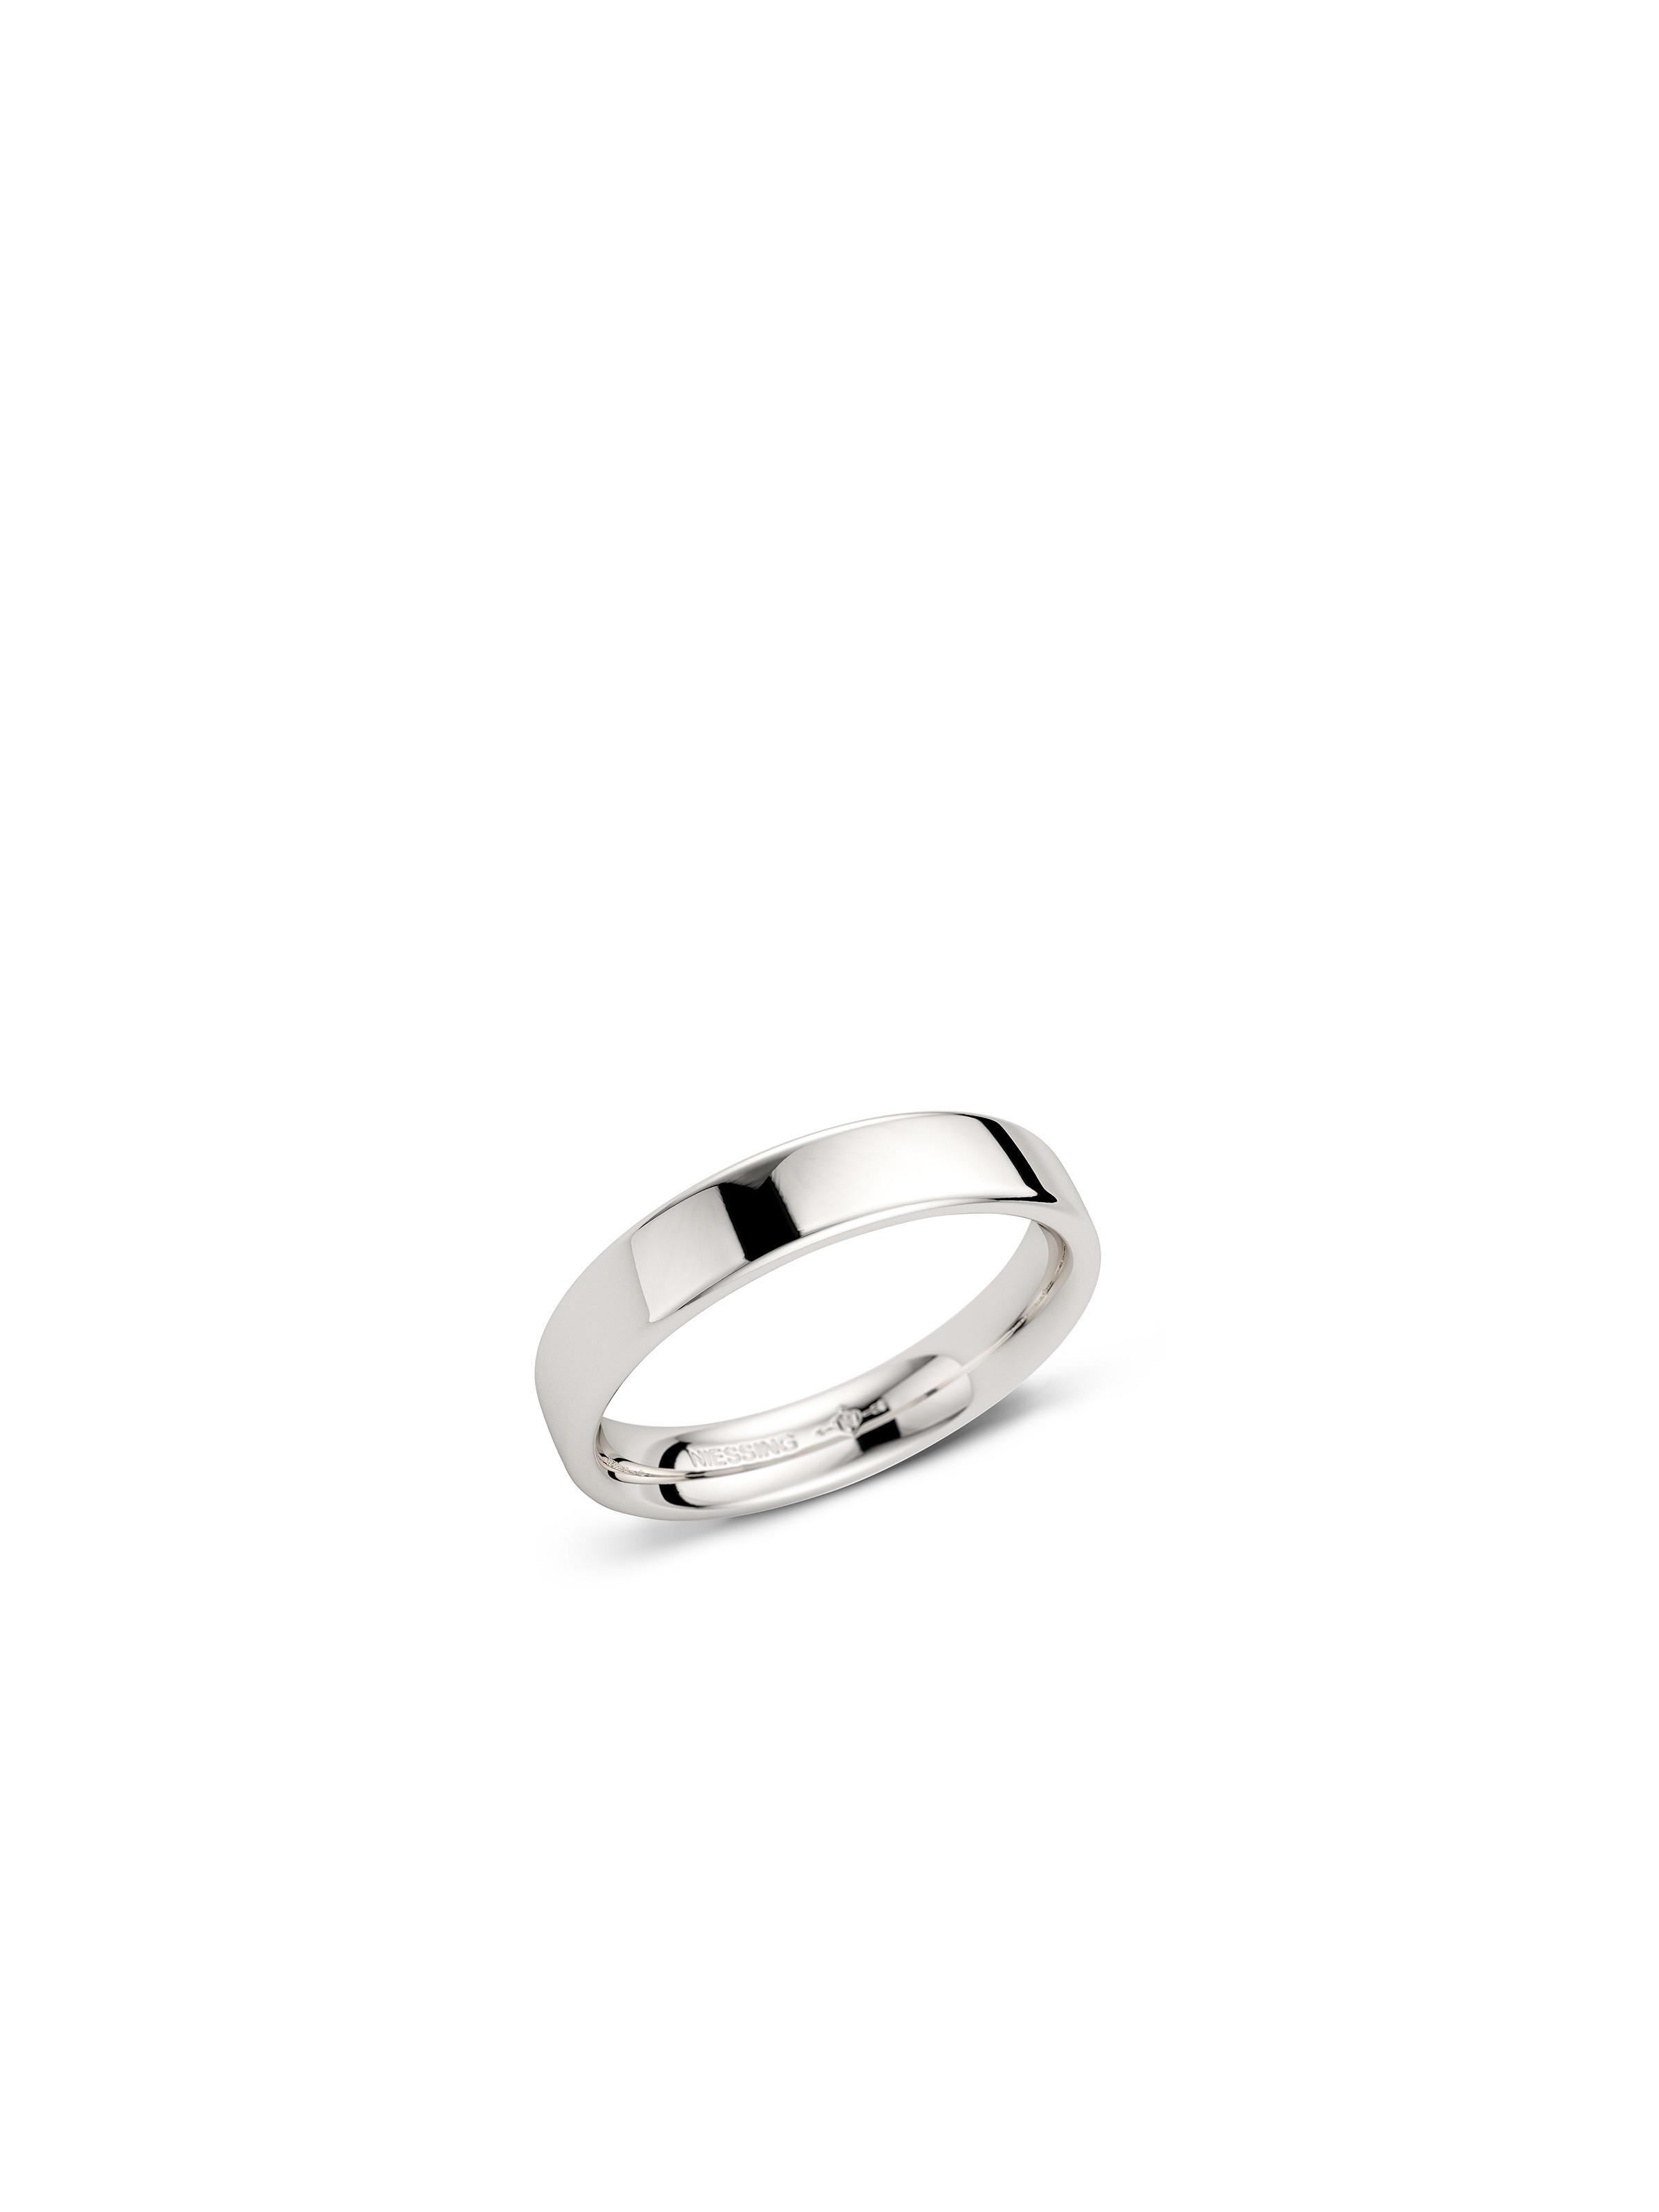 Soft Cube wedding ring -rectangular/soft- polished